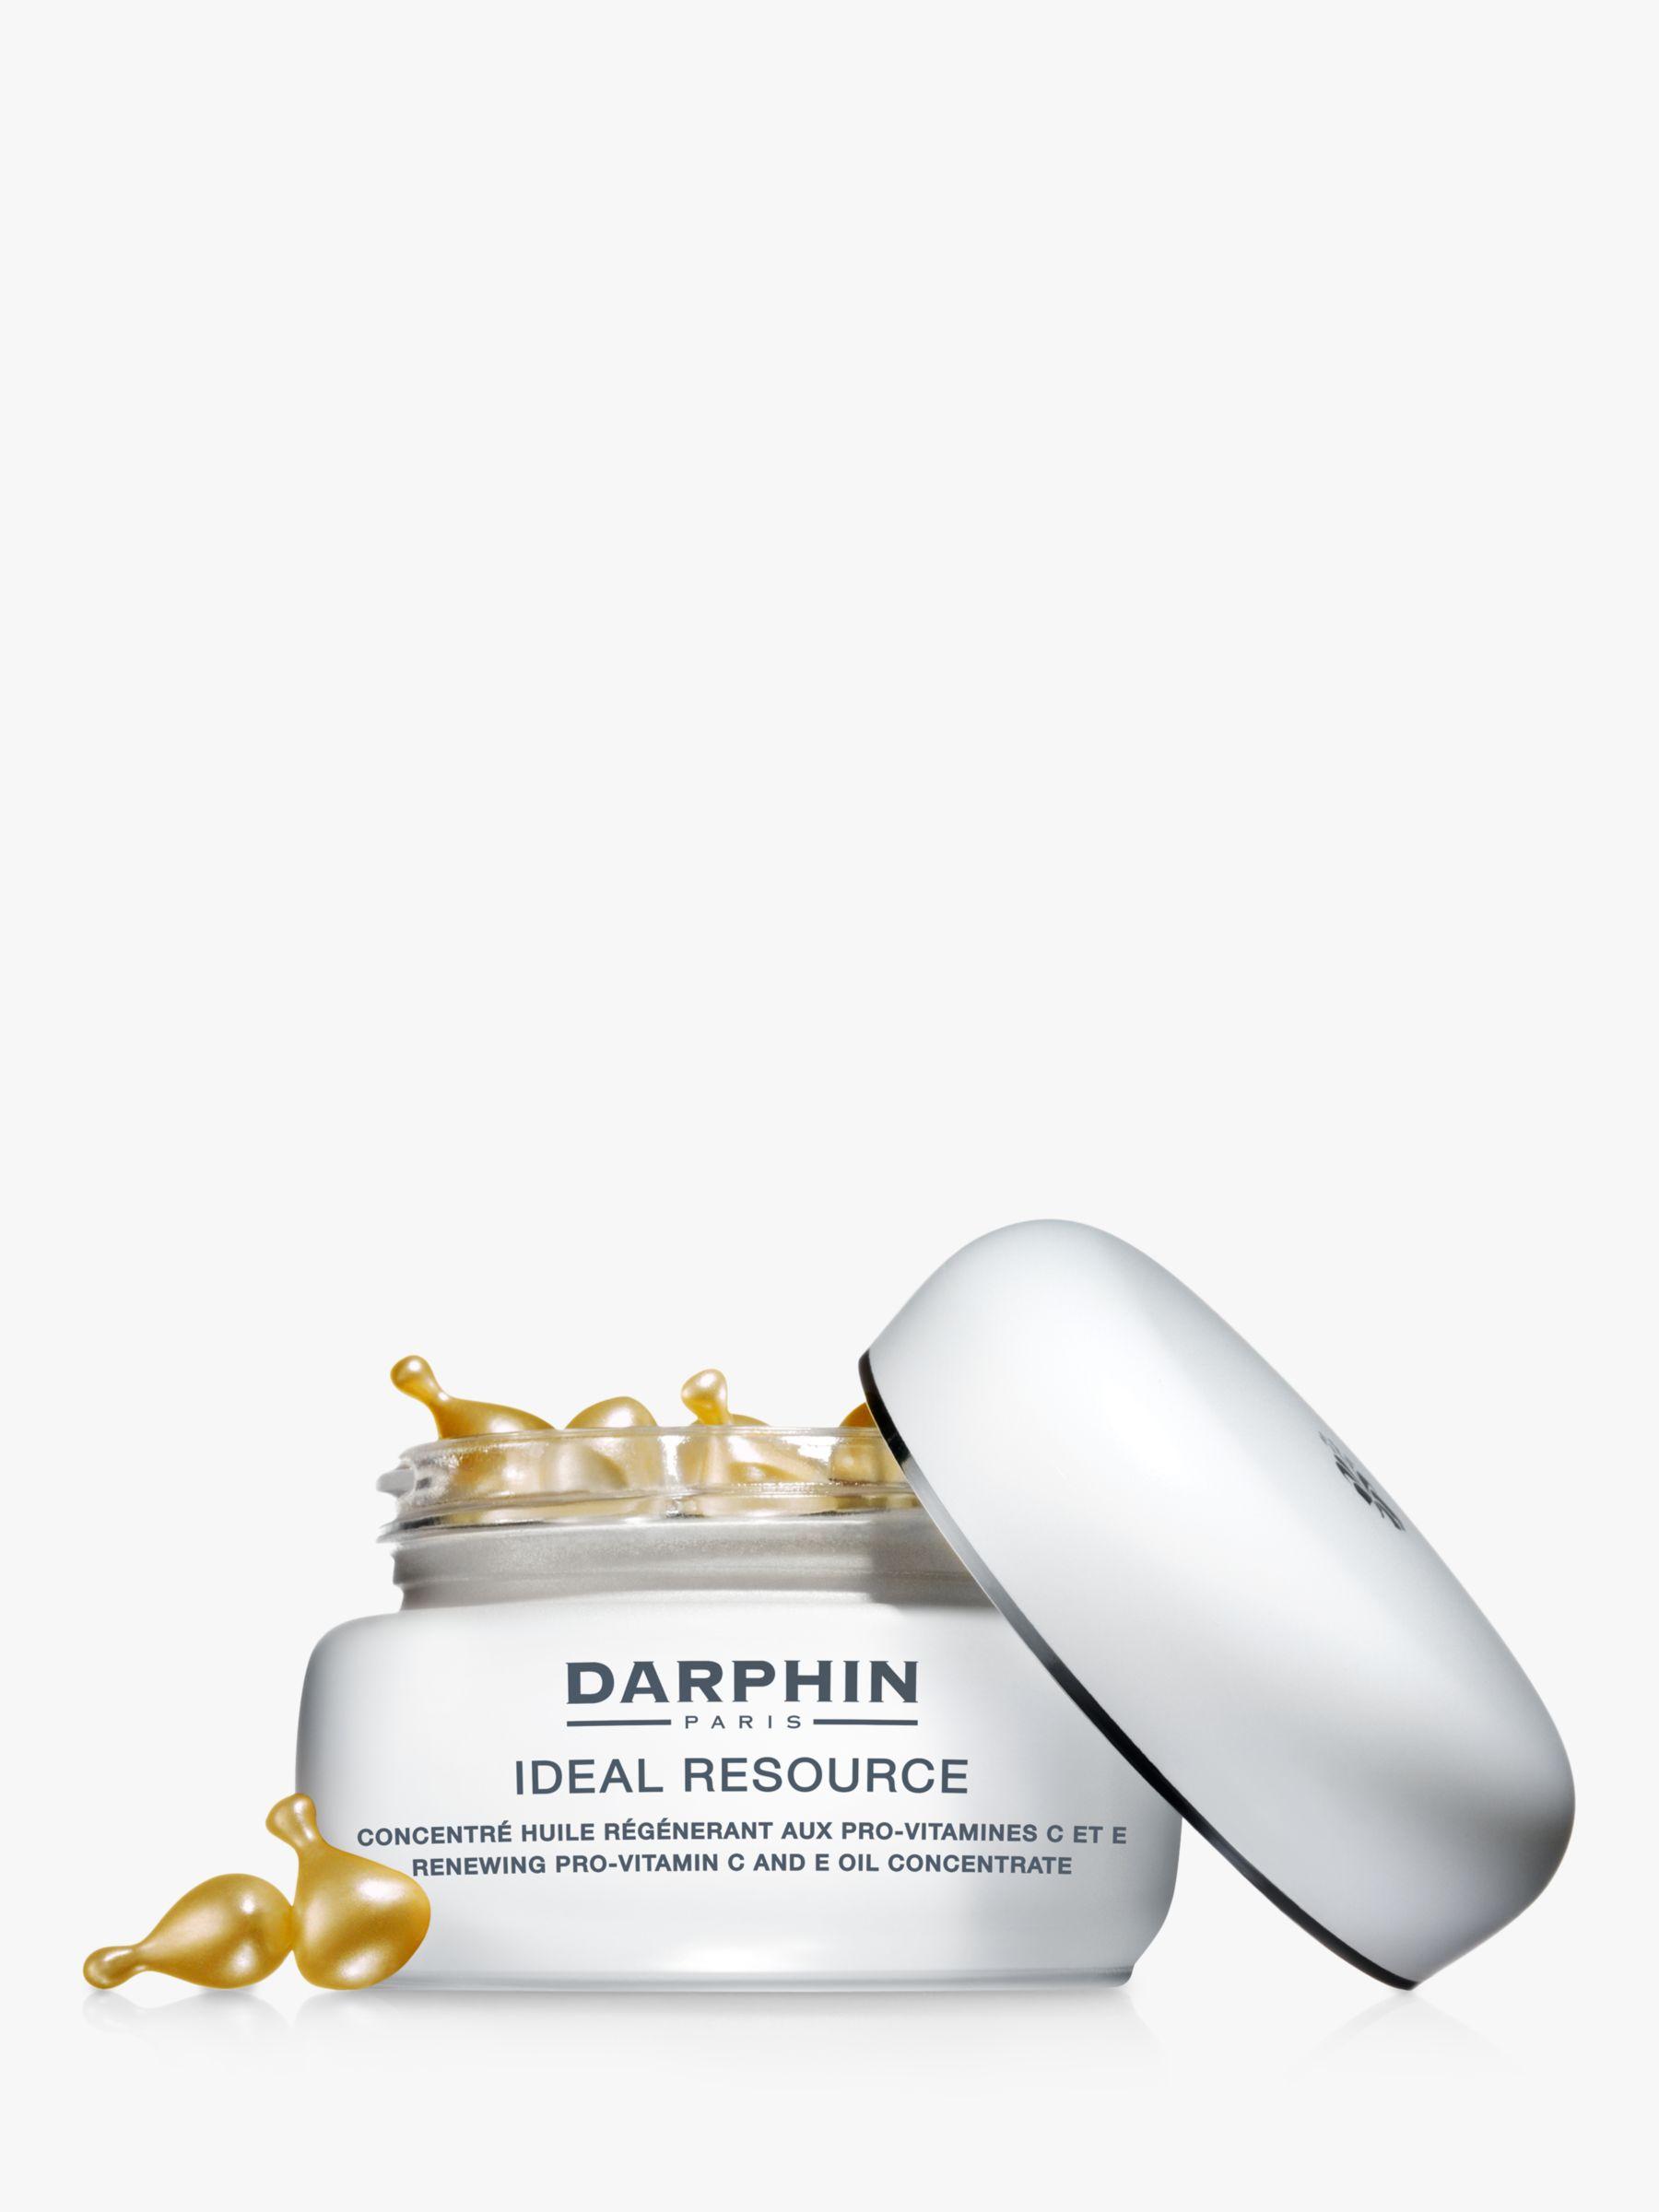 Darphin Darphin Ideal Resource Renewing Pro-Vitamin C and E Oil Concentrate, 50ml